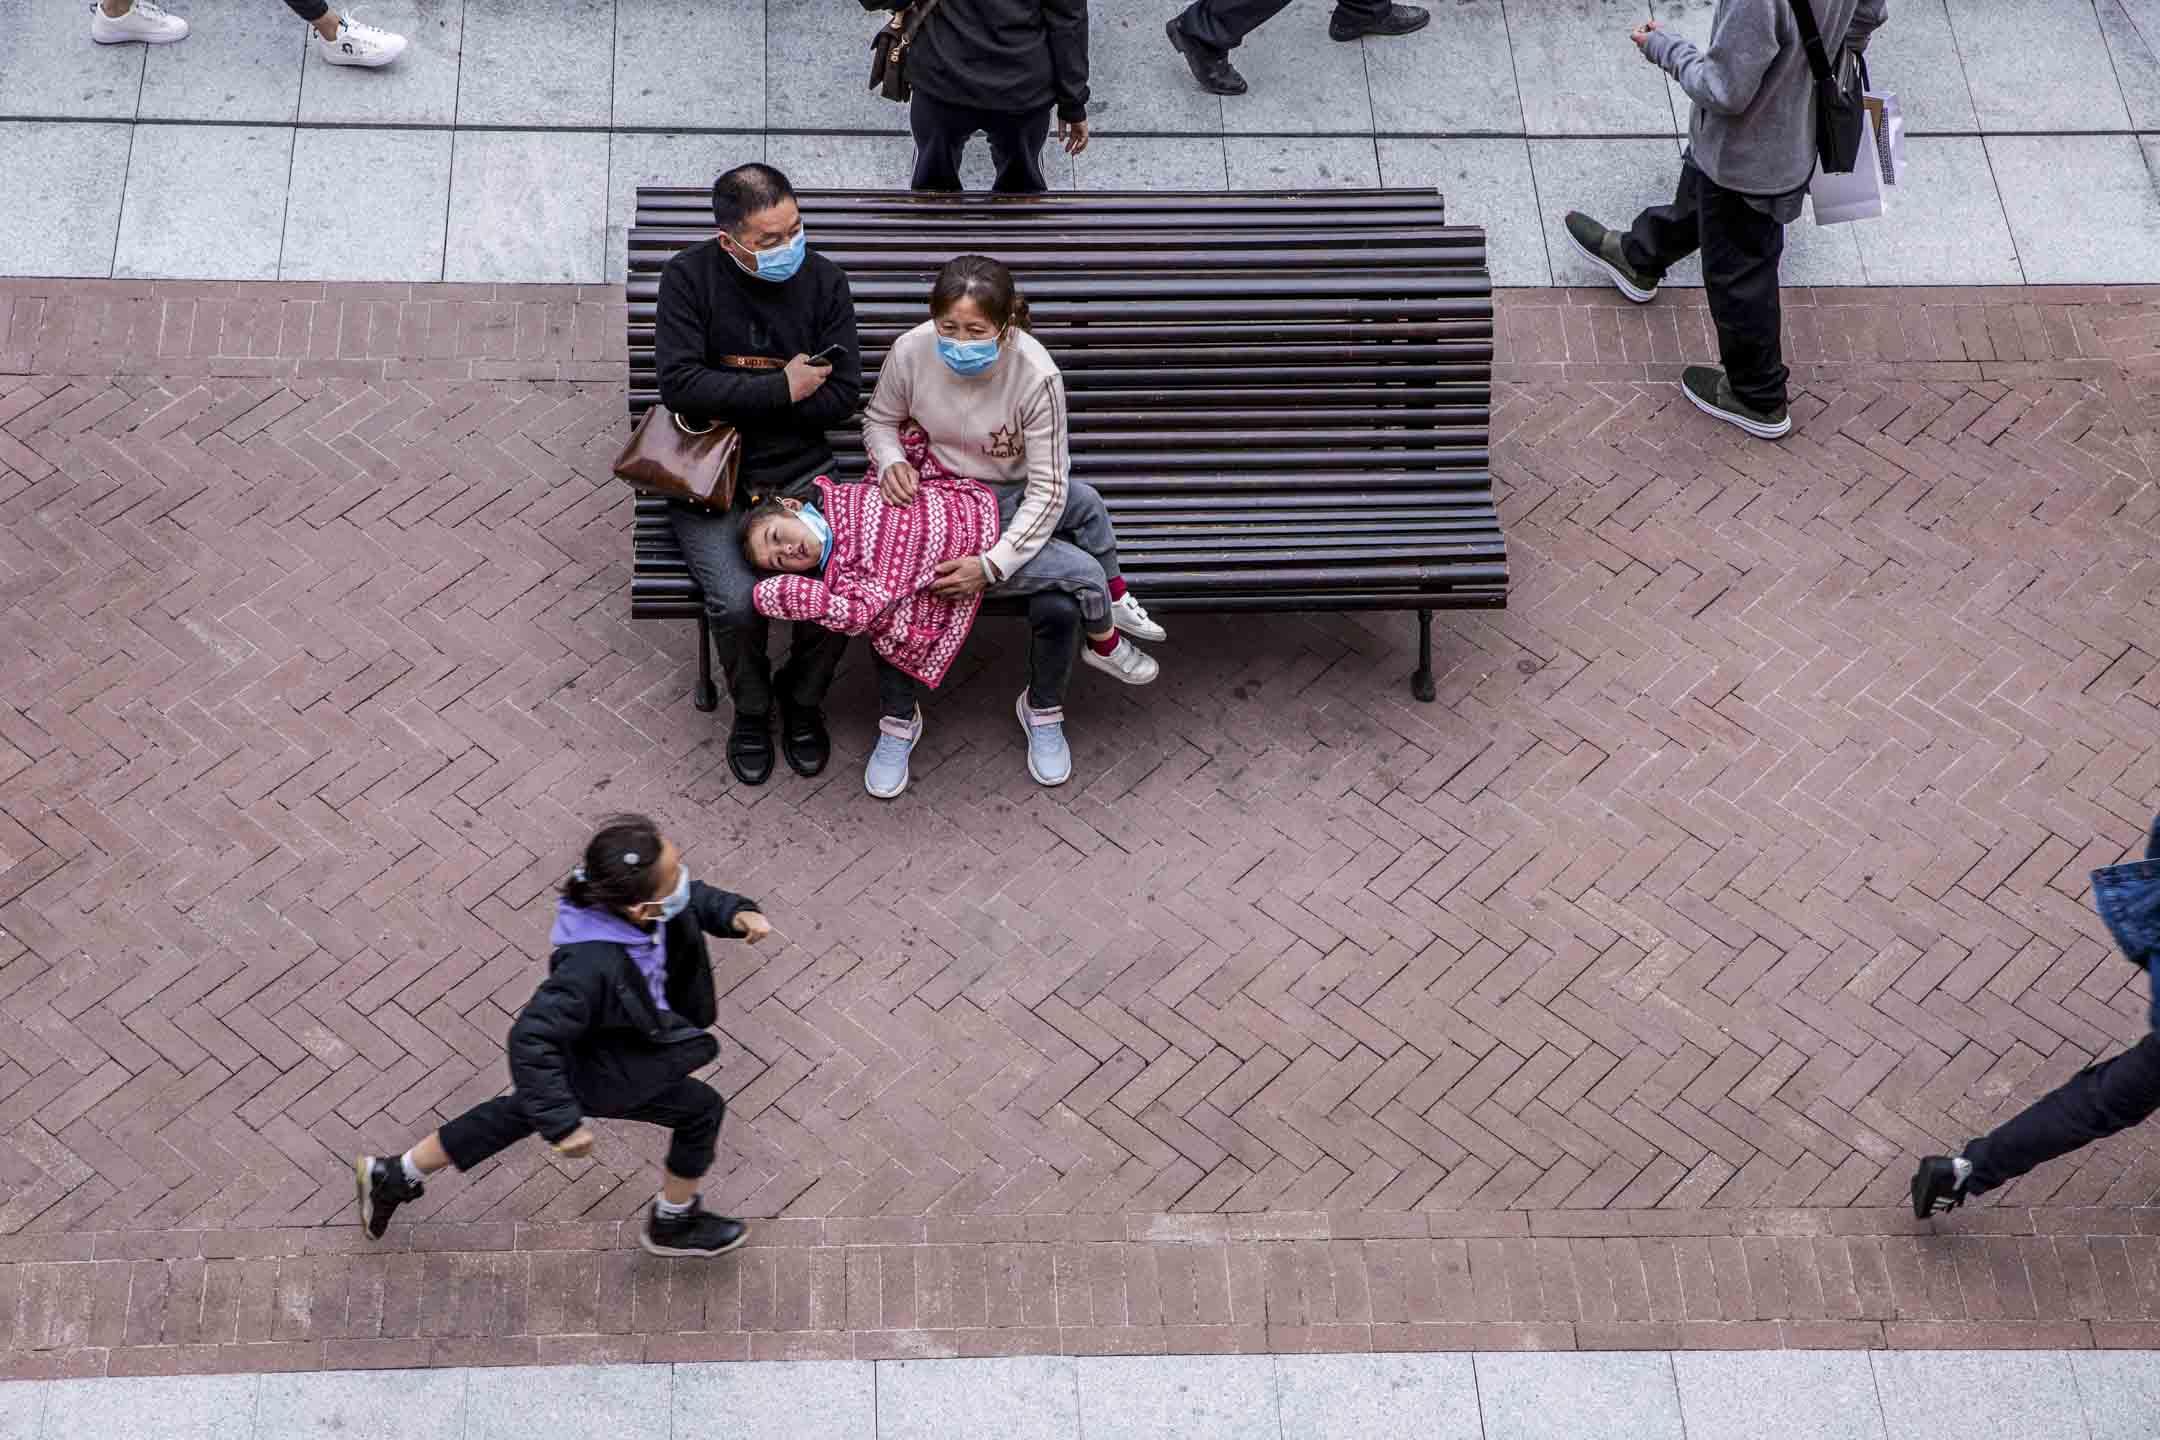 2020年1月25日,廣州一個購物商場內,市民大多都戴上了口罩。 攝:林振東/端傳媒